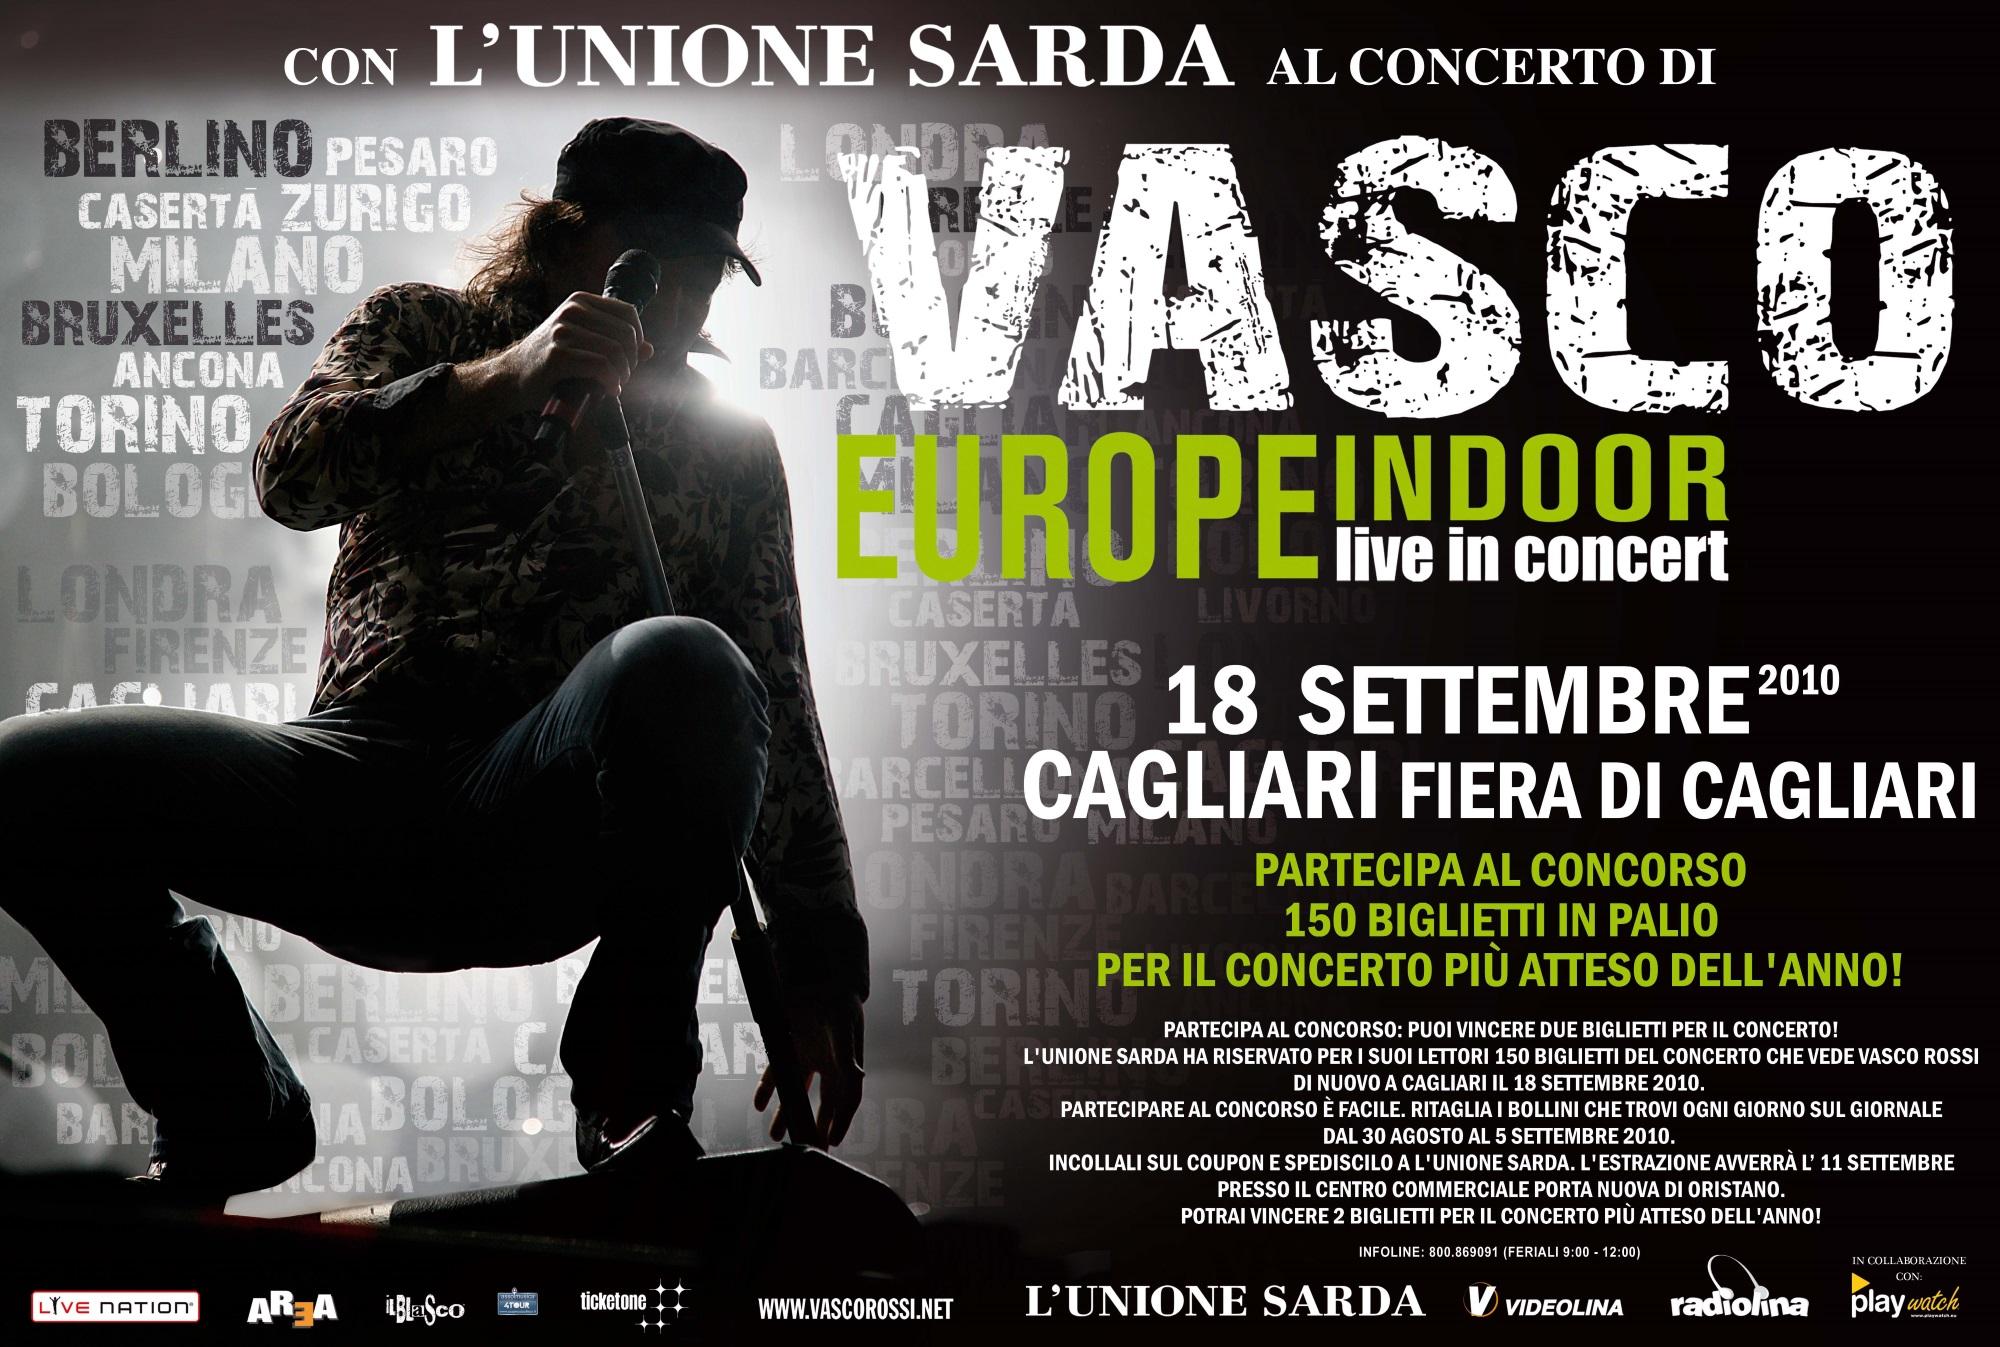 Unione Sarda Vasco Rossi Joydis